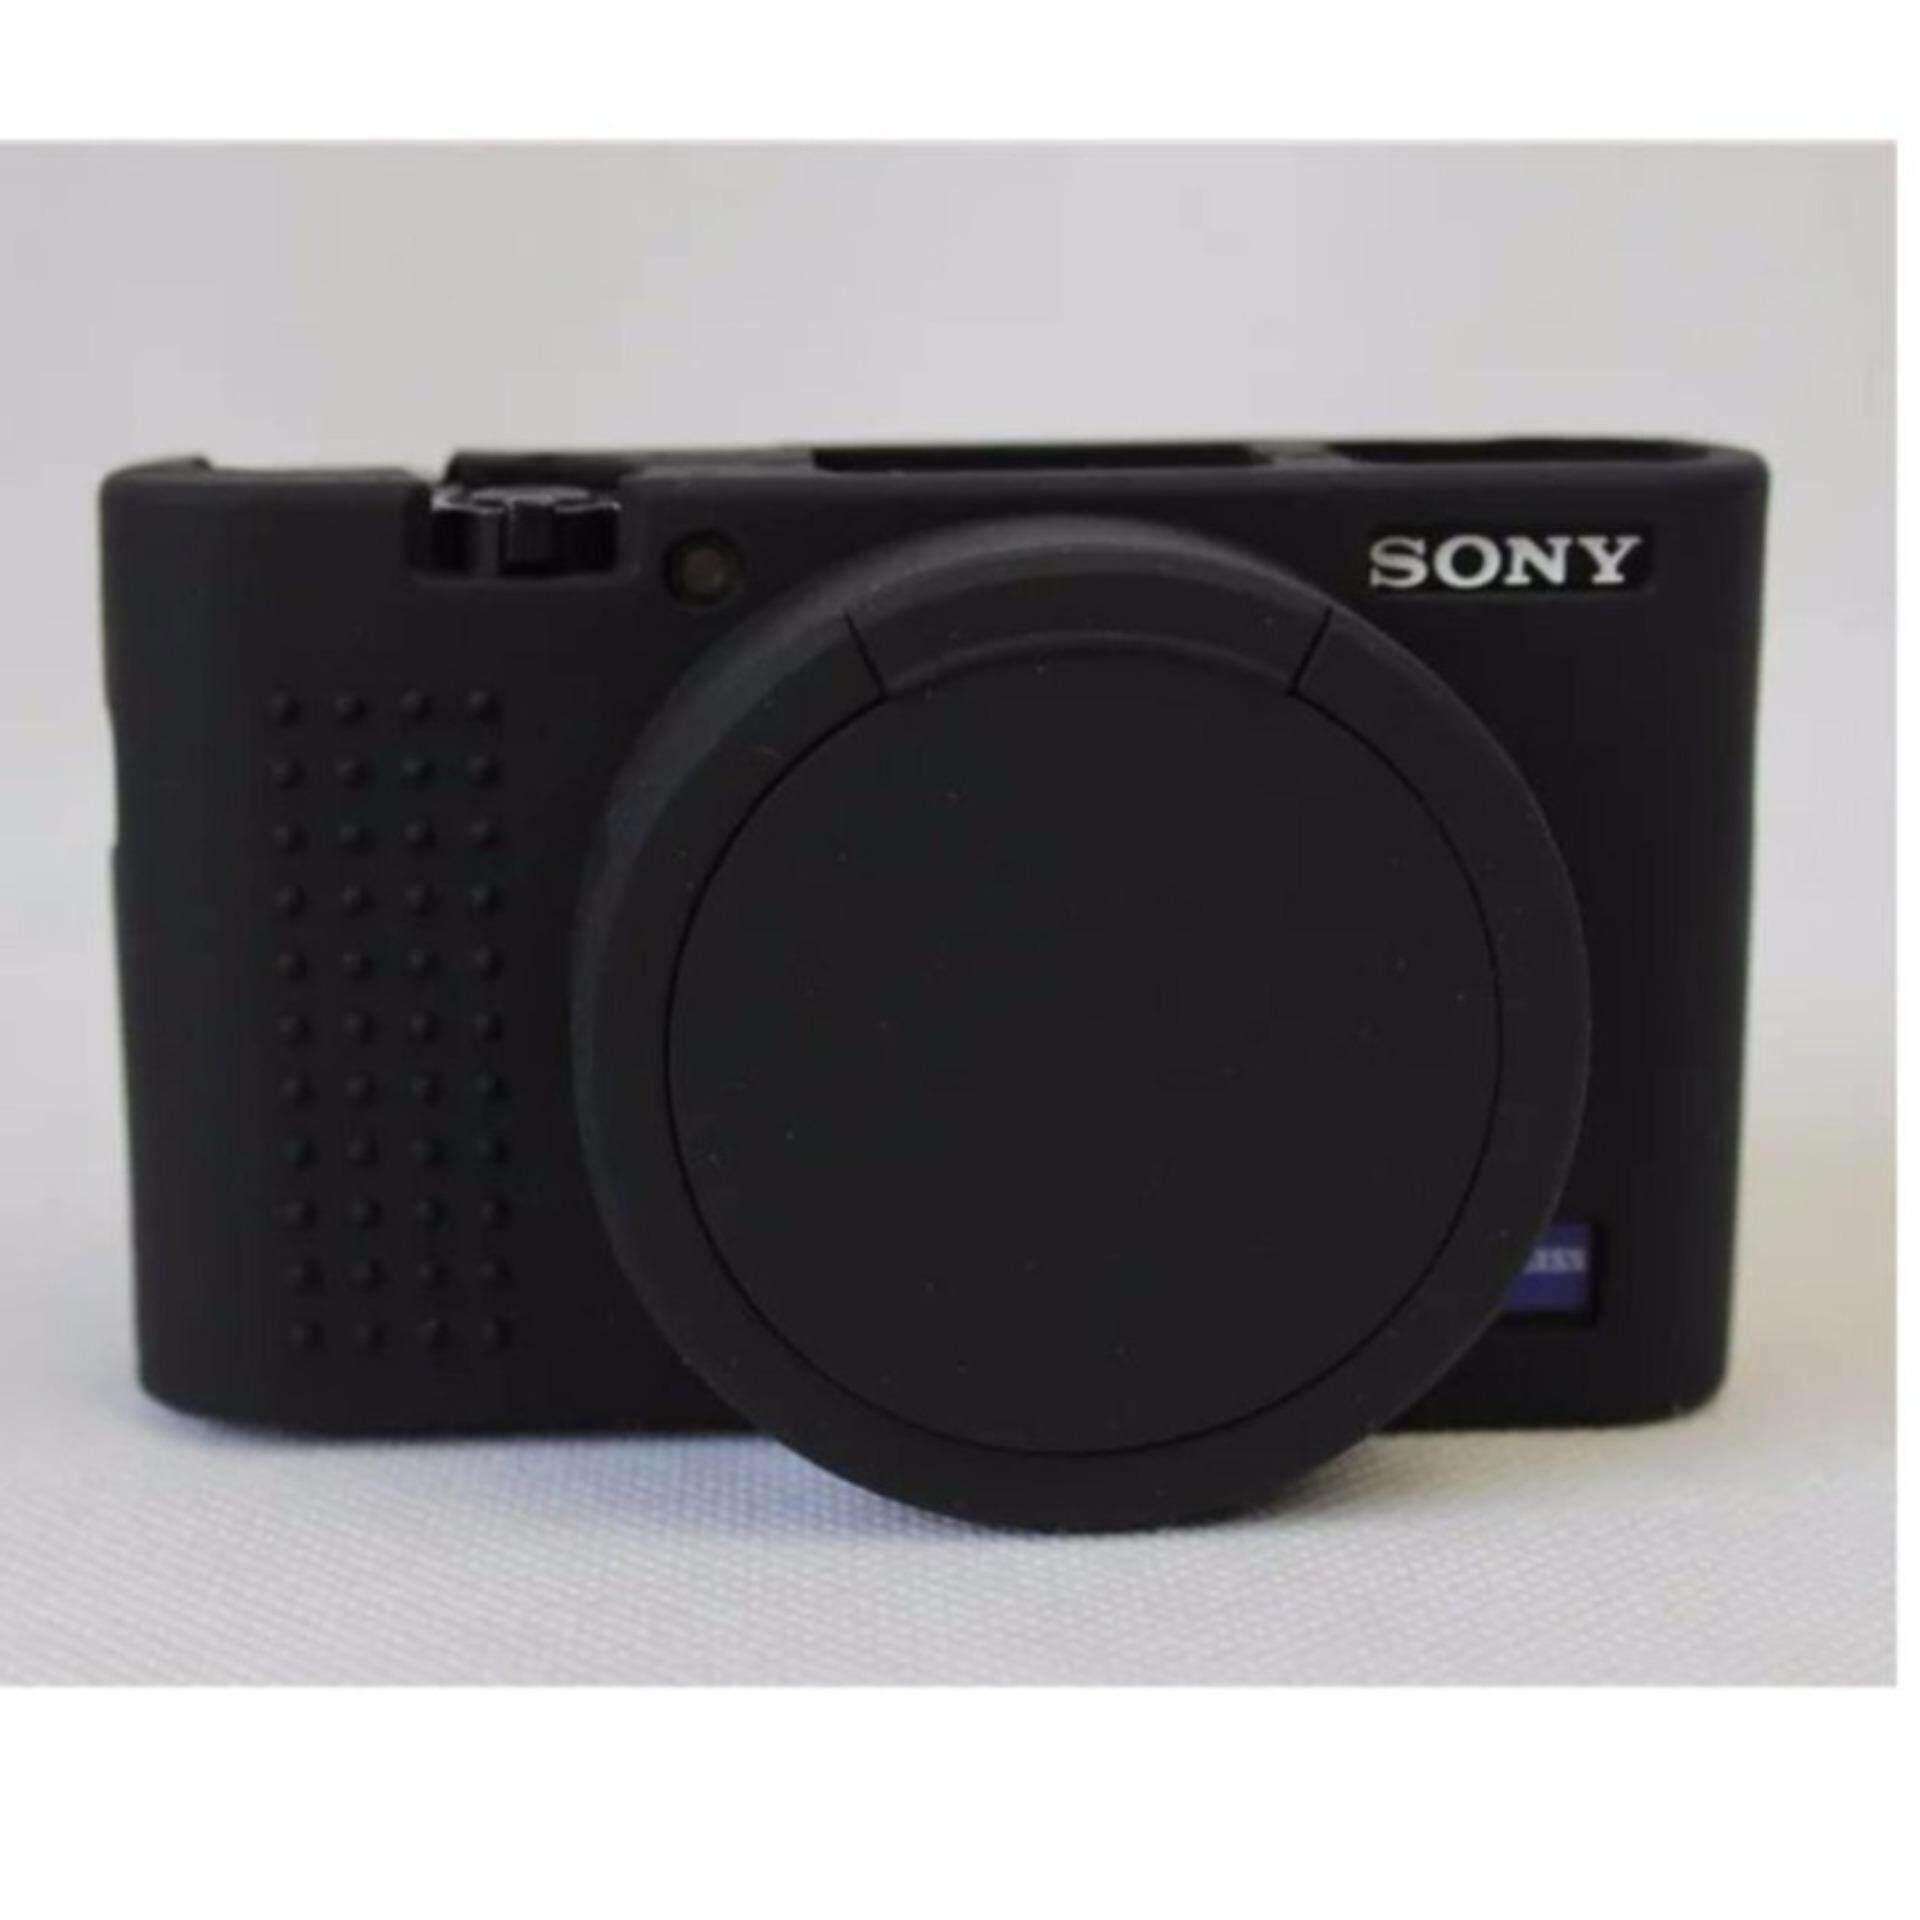 Harga Termurah Lembut Silicone Rubber Protective Camera Body Cover Case Untuk Sony Rx100M5 Rx100M4 Rx100M3 Dengan Bukaan Bawah Kamera Lens Cap Intl